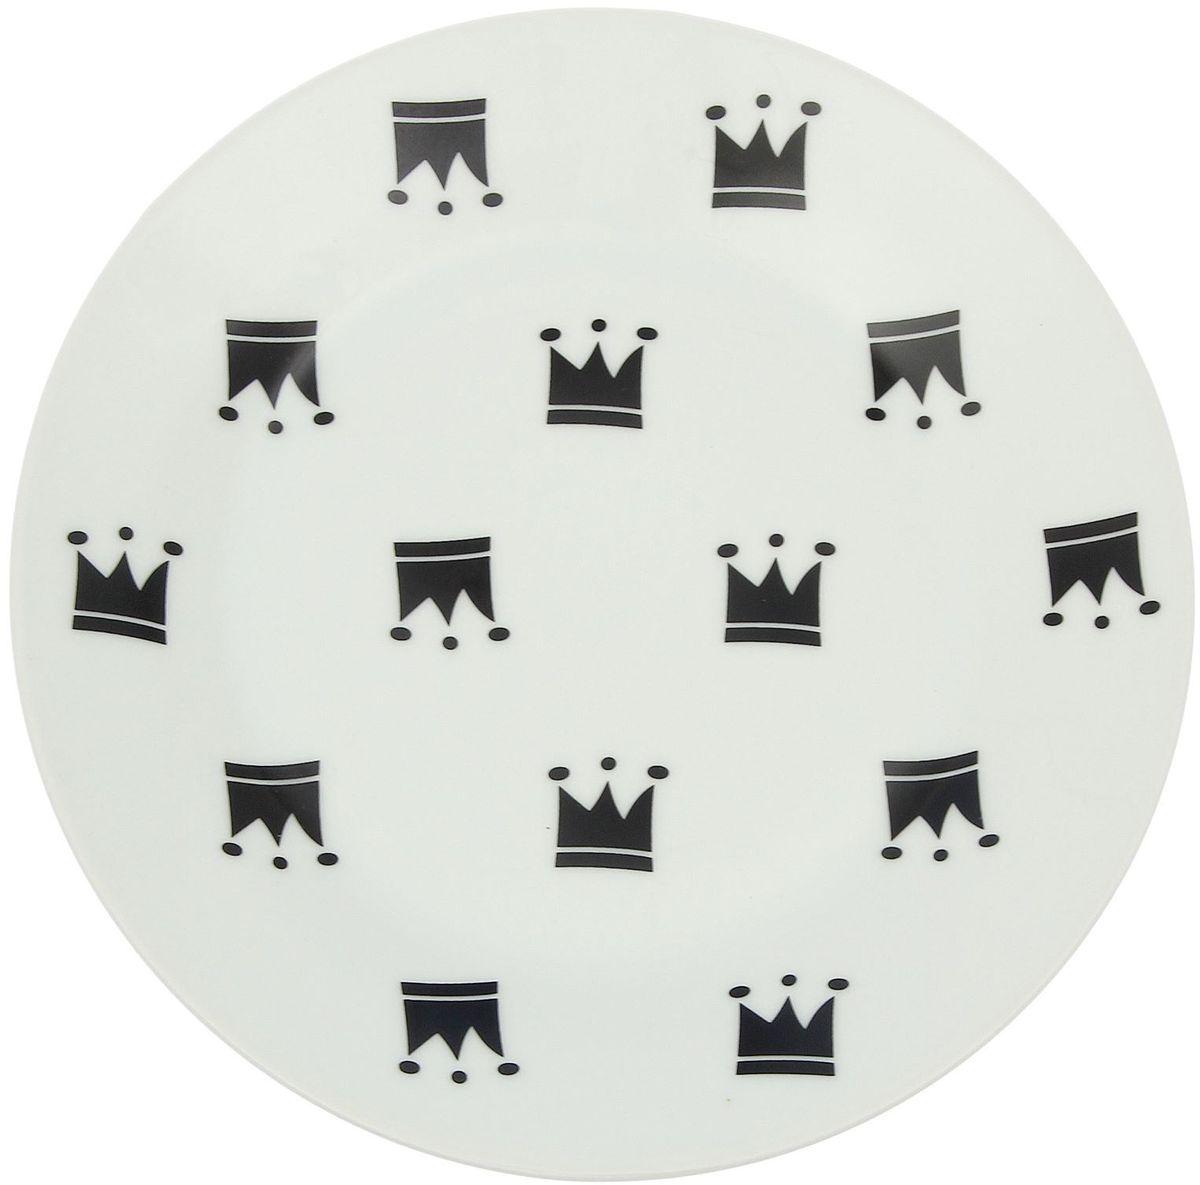 Тарелка мелкая Сотвори чудо My Little Crown, диаметр 20 см54 009312Хотите обновить интерьер кухни или гостиной? Устраиваете необычную фотосессию или тематический праздник? А может, просто ищете подарок для близкого человека? Посуда Сотвори Чудо — правильный выбор в любой ситуации. Тарелка Сотвори Чудо, изготовленная из изящного фаянса нежного сливочного цвета, оформлена оригинальным рисунком со стойкой краской. Пригодна для посудомоечной машины.